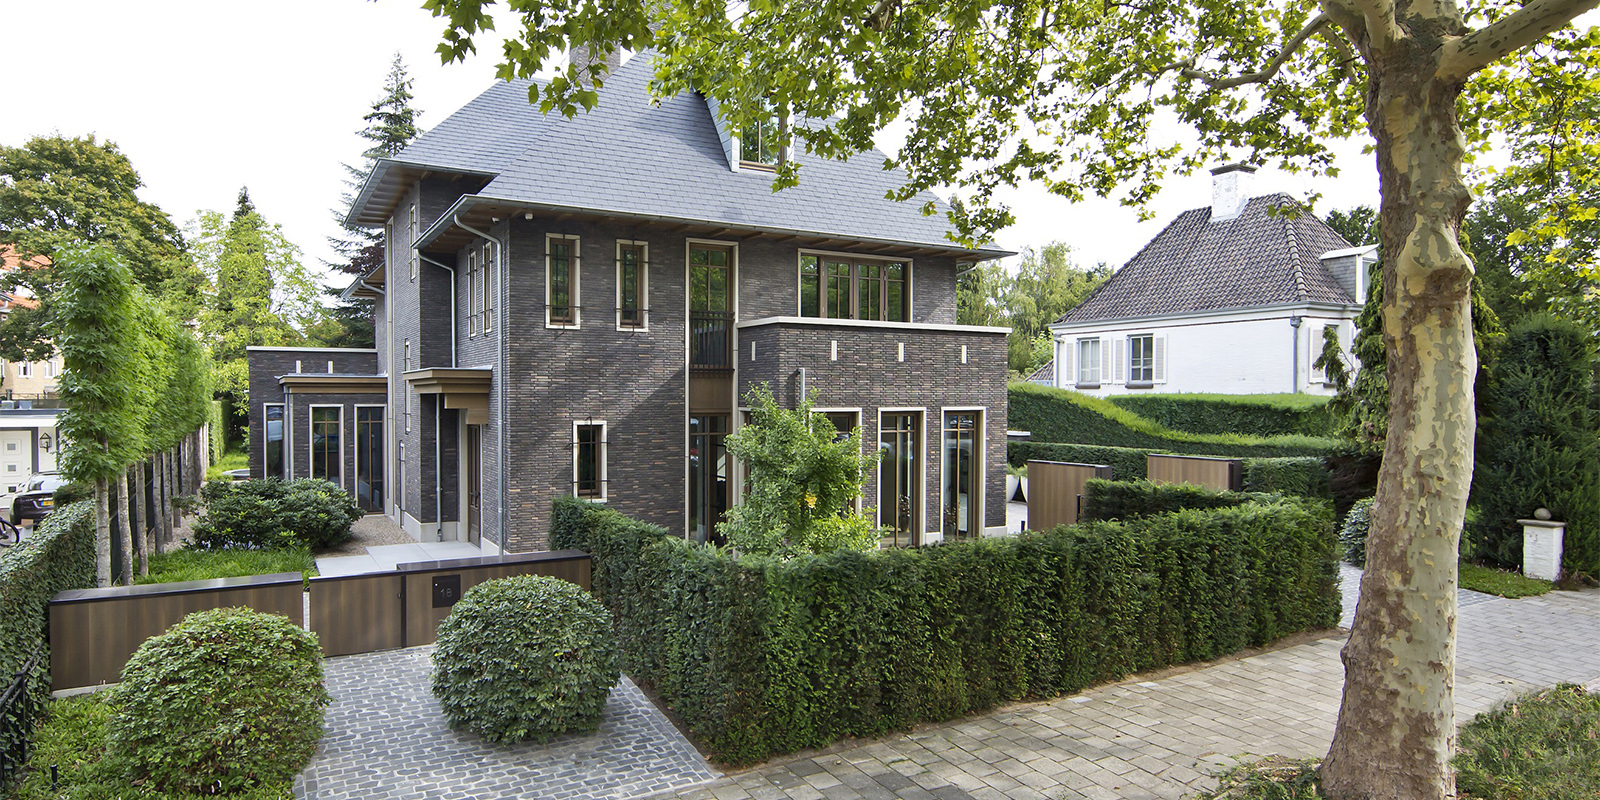 Groene tuin, Studio Siebers, Zwembad, Tuindesign, villa